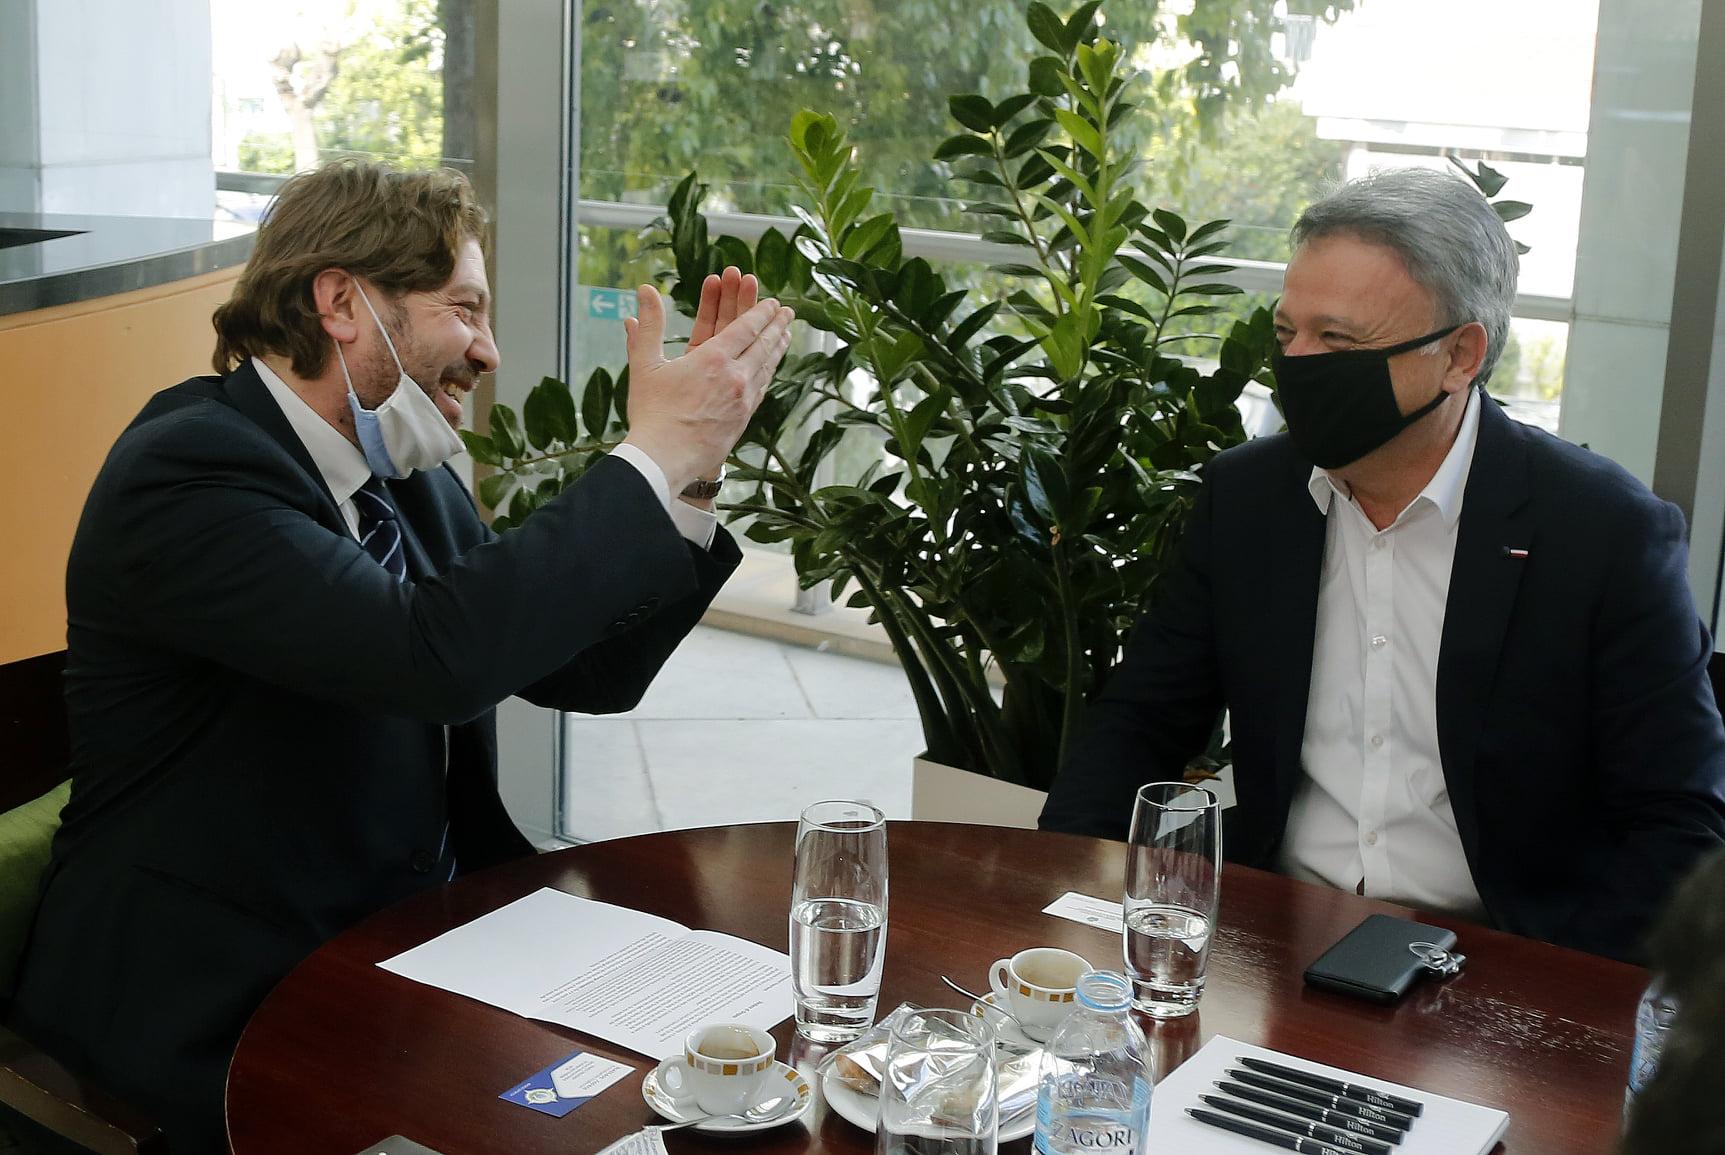 Συνάντηση δημάρχου με υπουργό τουρισμού